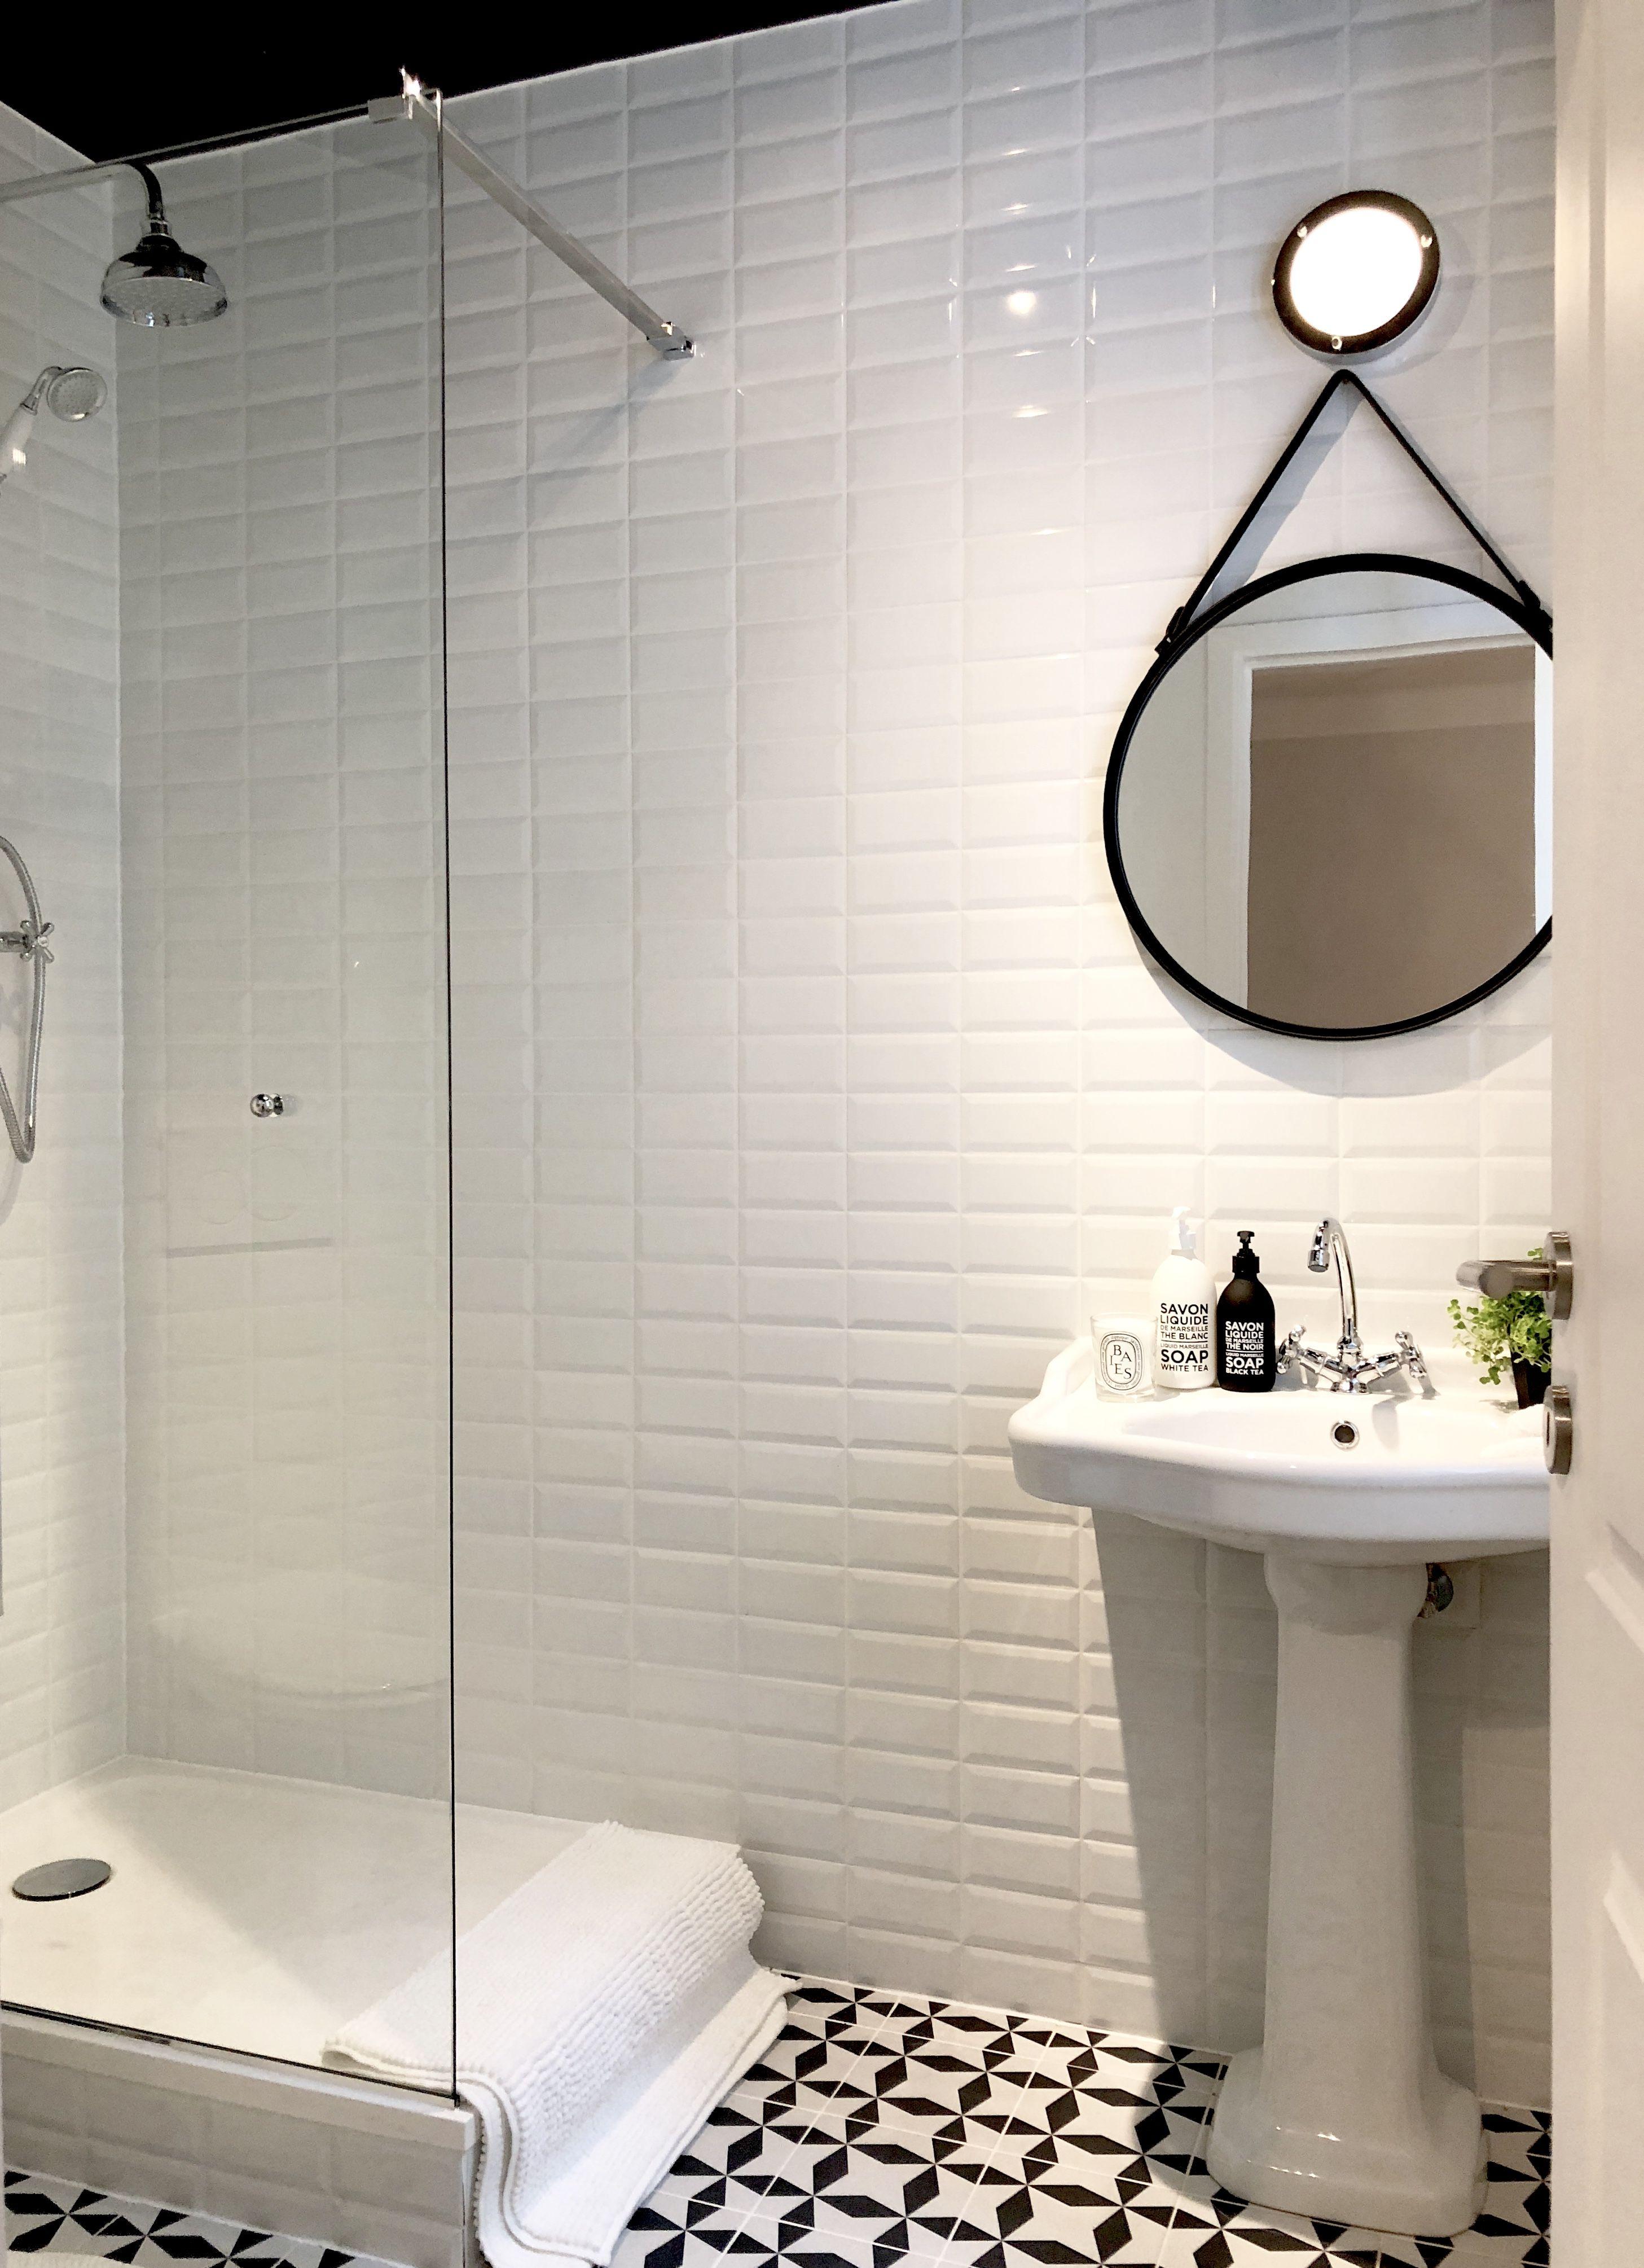 Petite Salle De Bain Carrelage Métro Noir Et Blanc ванна